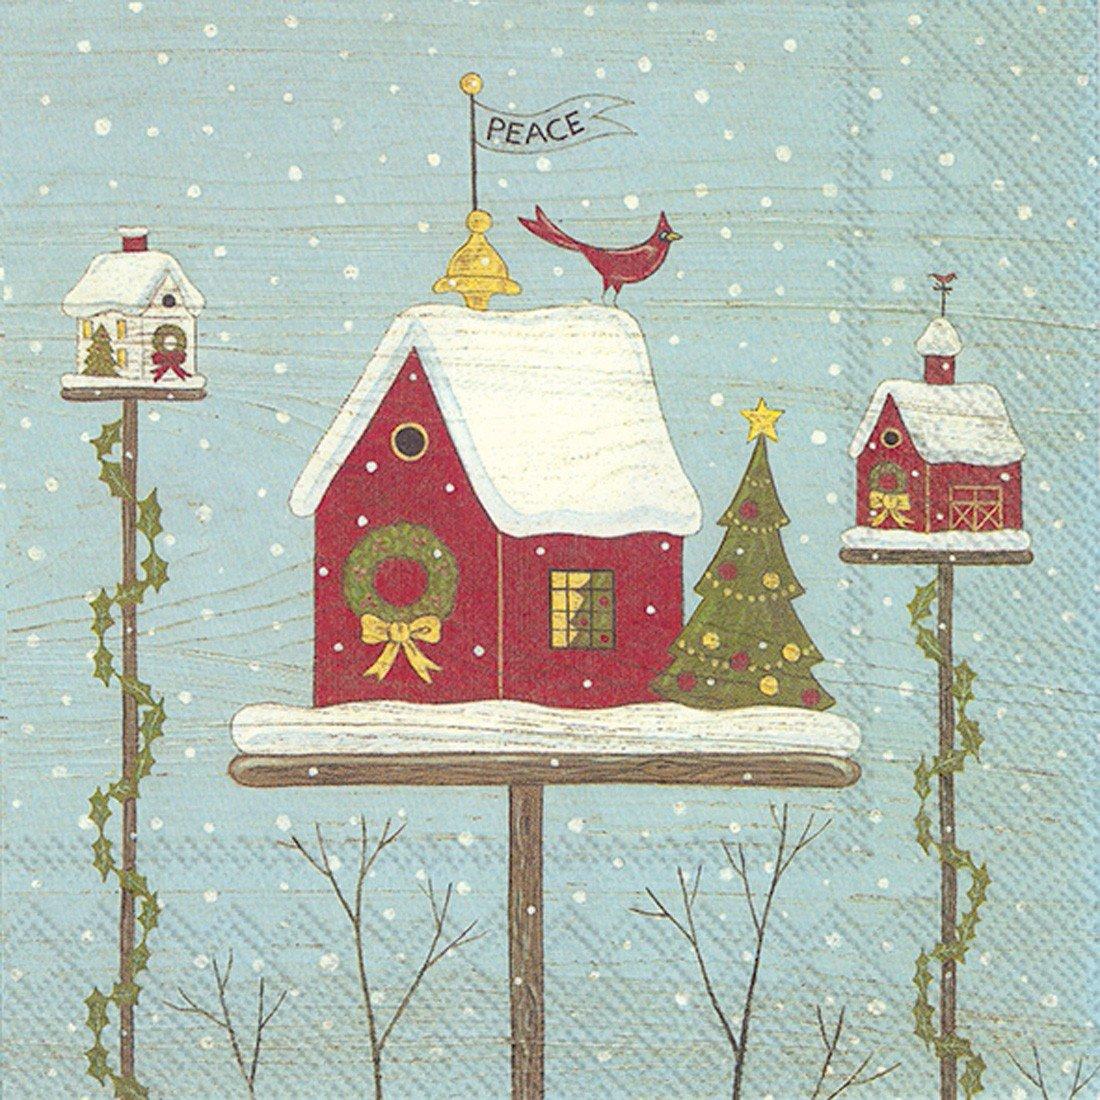 Ideal Home Range Papierservietten, Vogelhaus-Design, 20 Stück, mehrfarbig